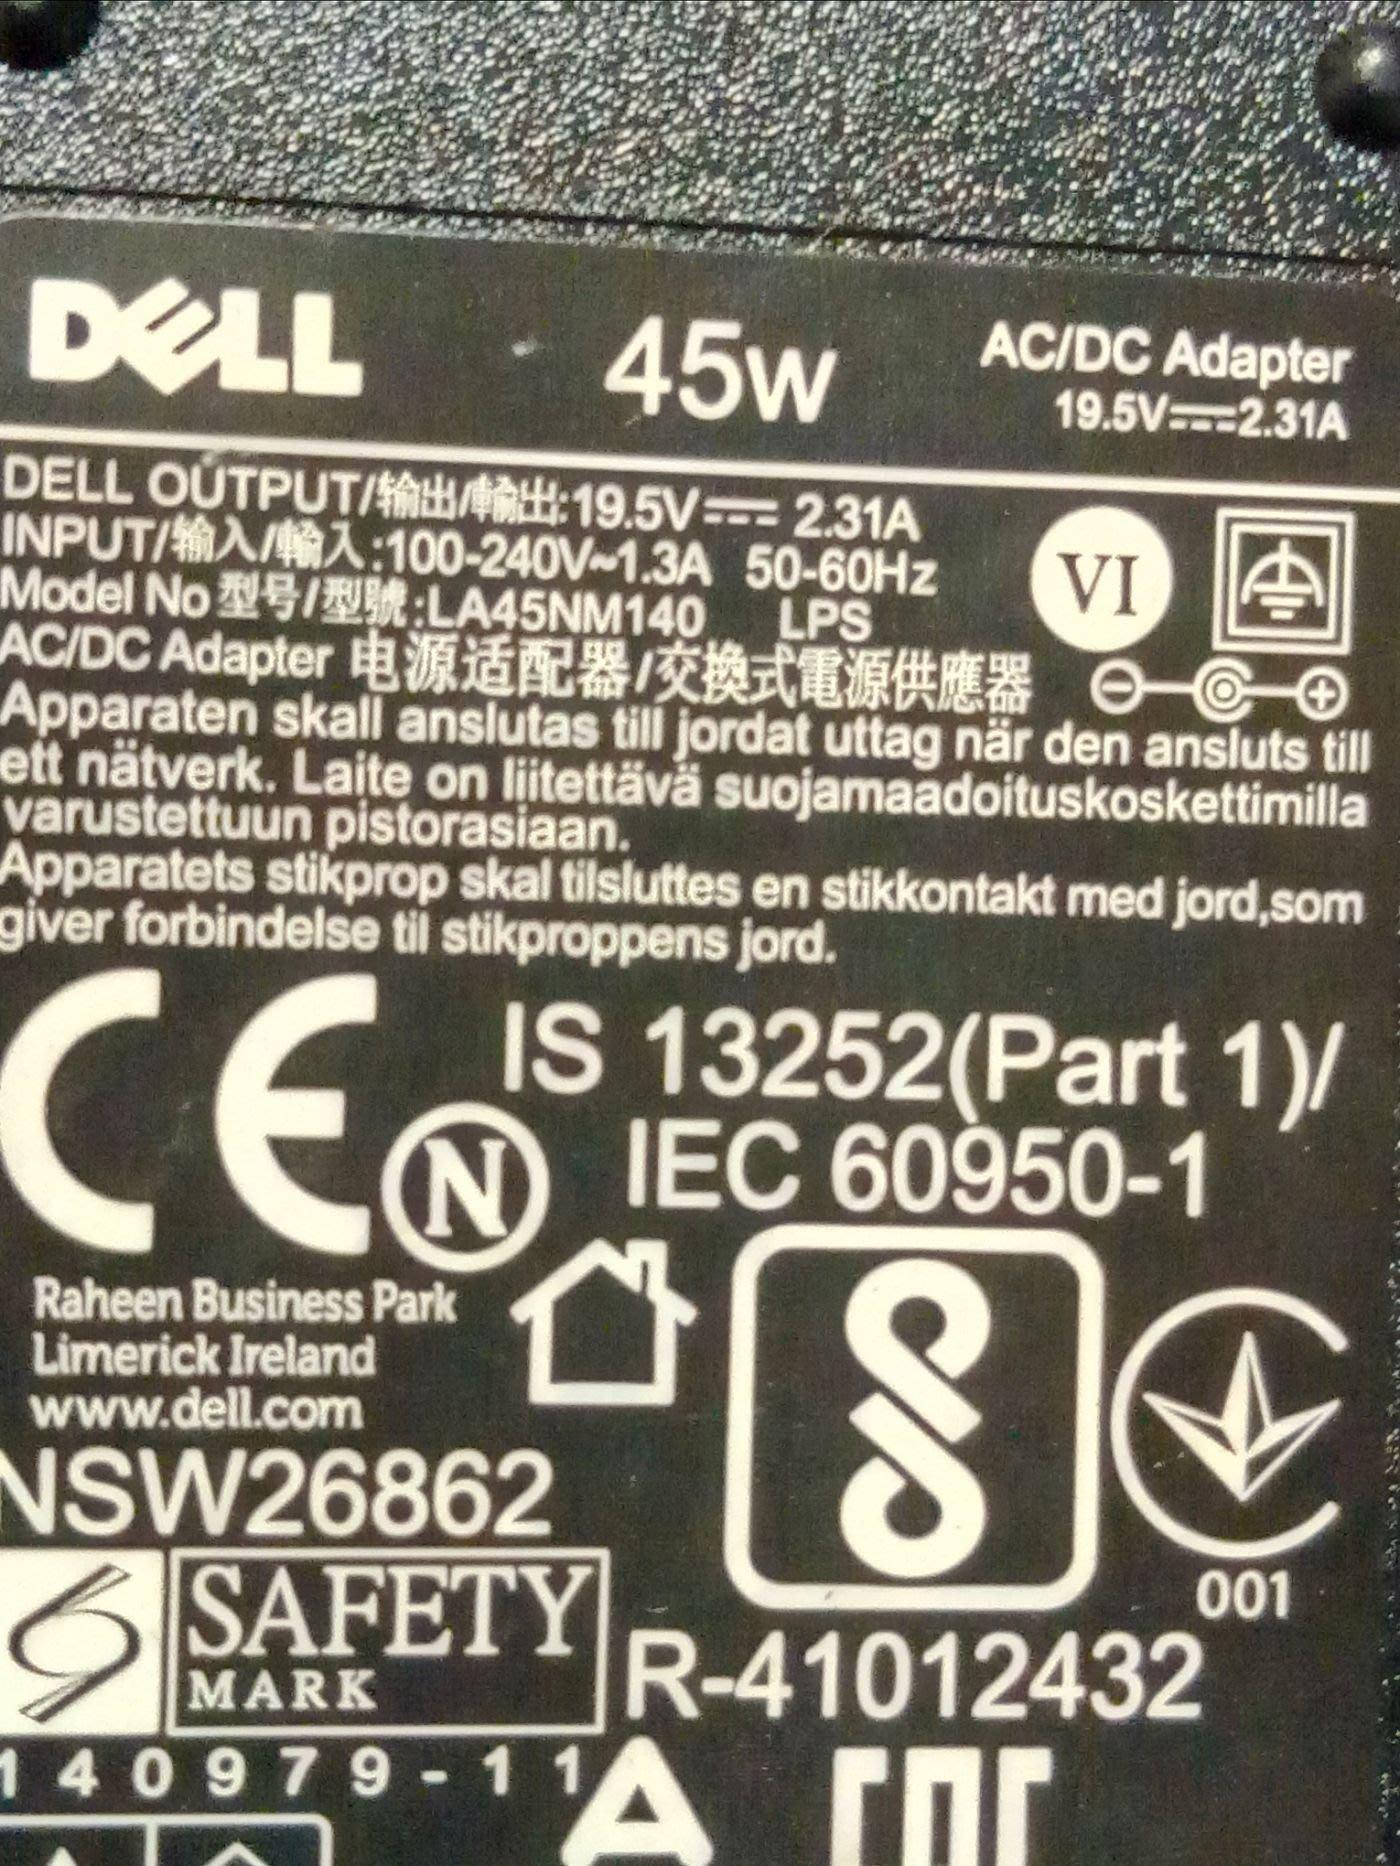 DeLL 原廠變壓器 45w 19.5v 2.31A